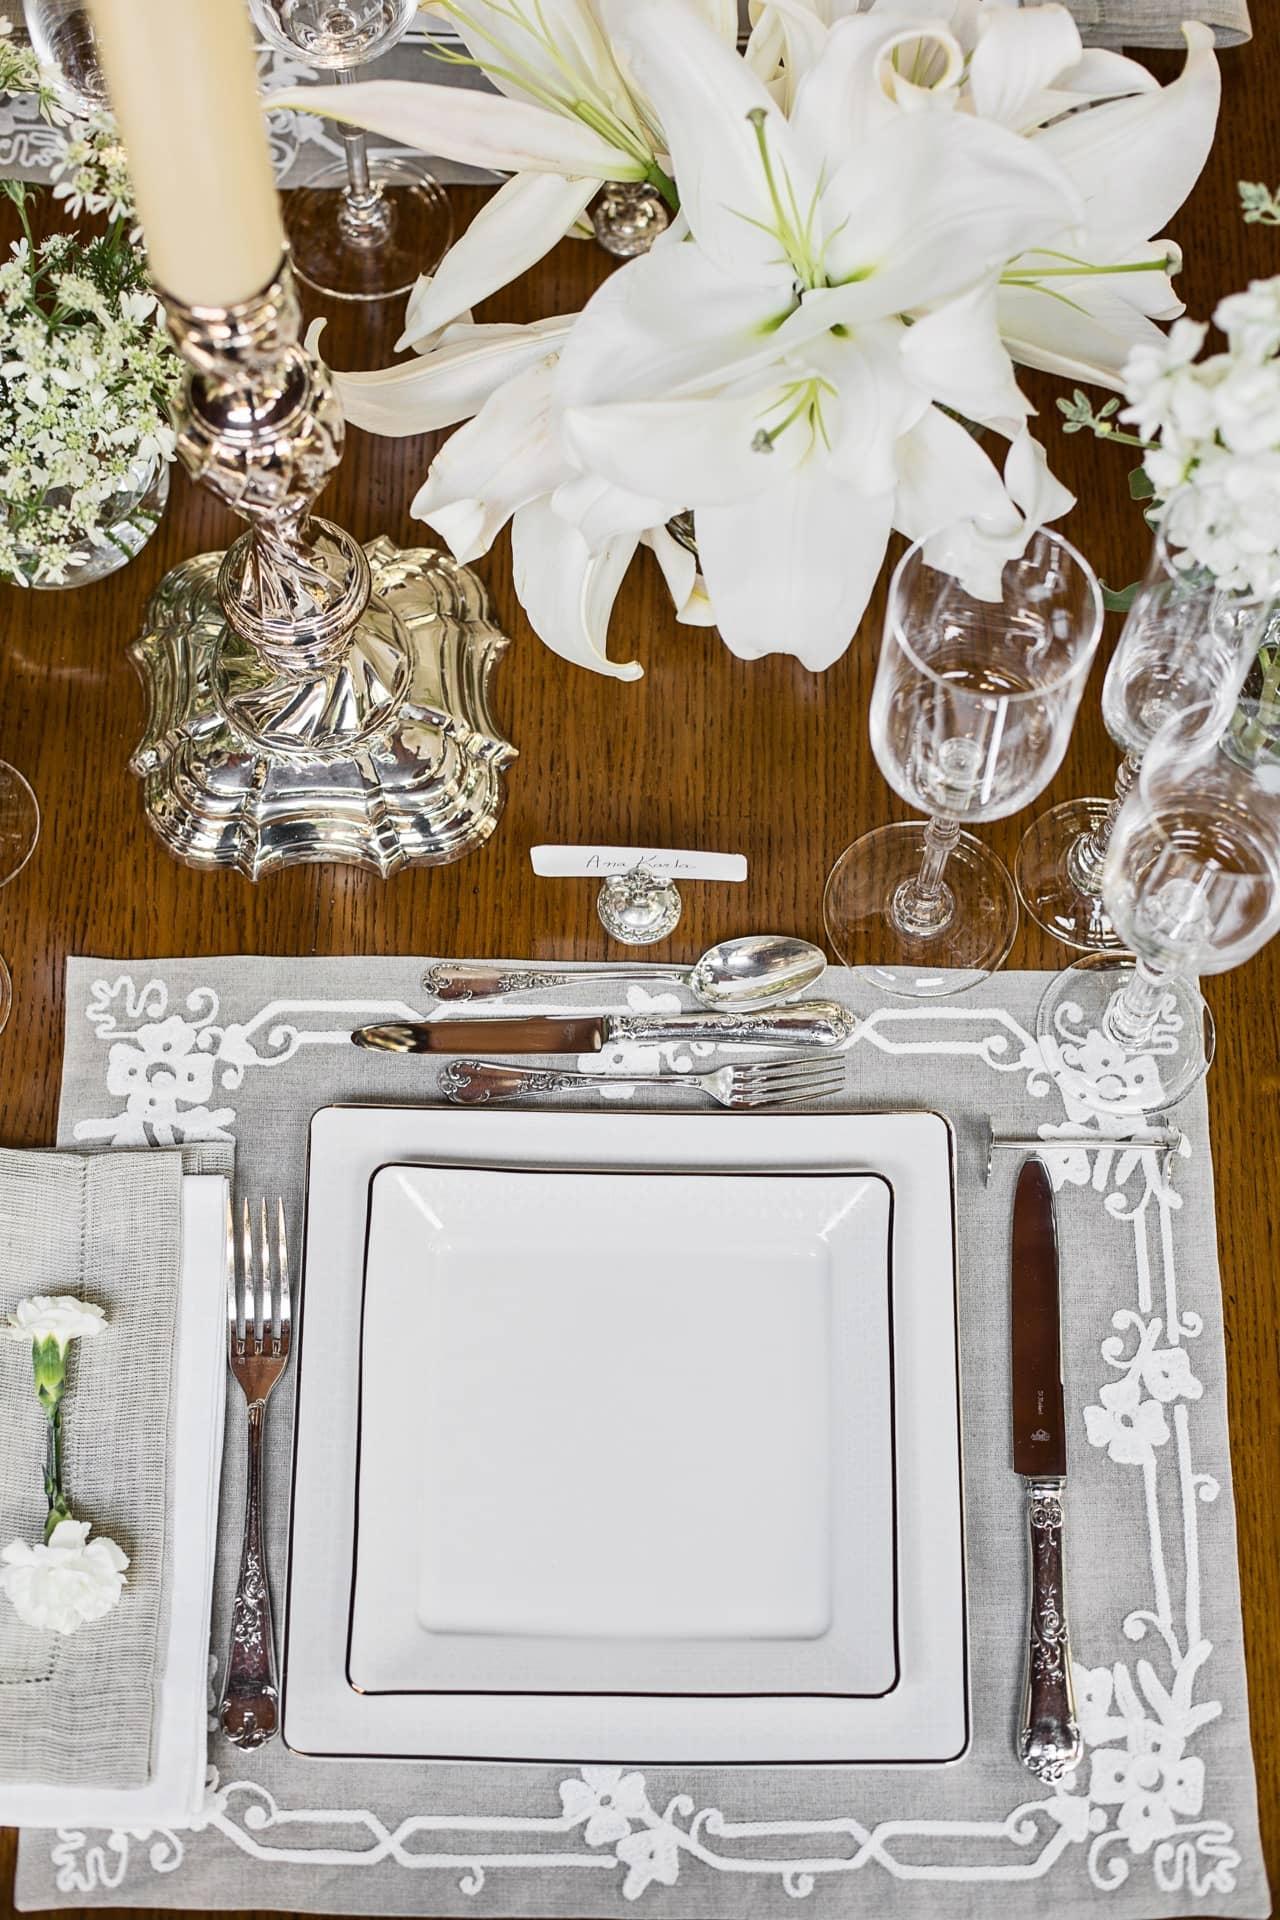 Imagem: O requinte dos materiais e o design impecável são elementos-chave desta mesa posta para um jantar elegante. Foto: Elisa Correa.